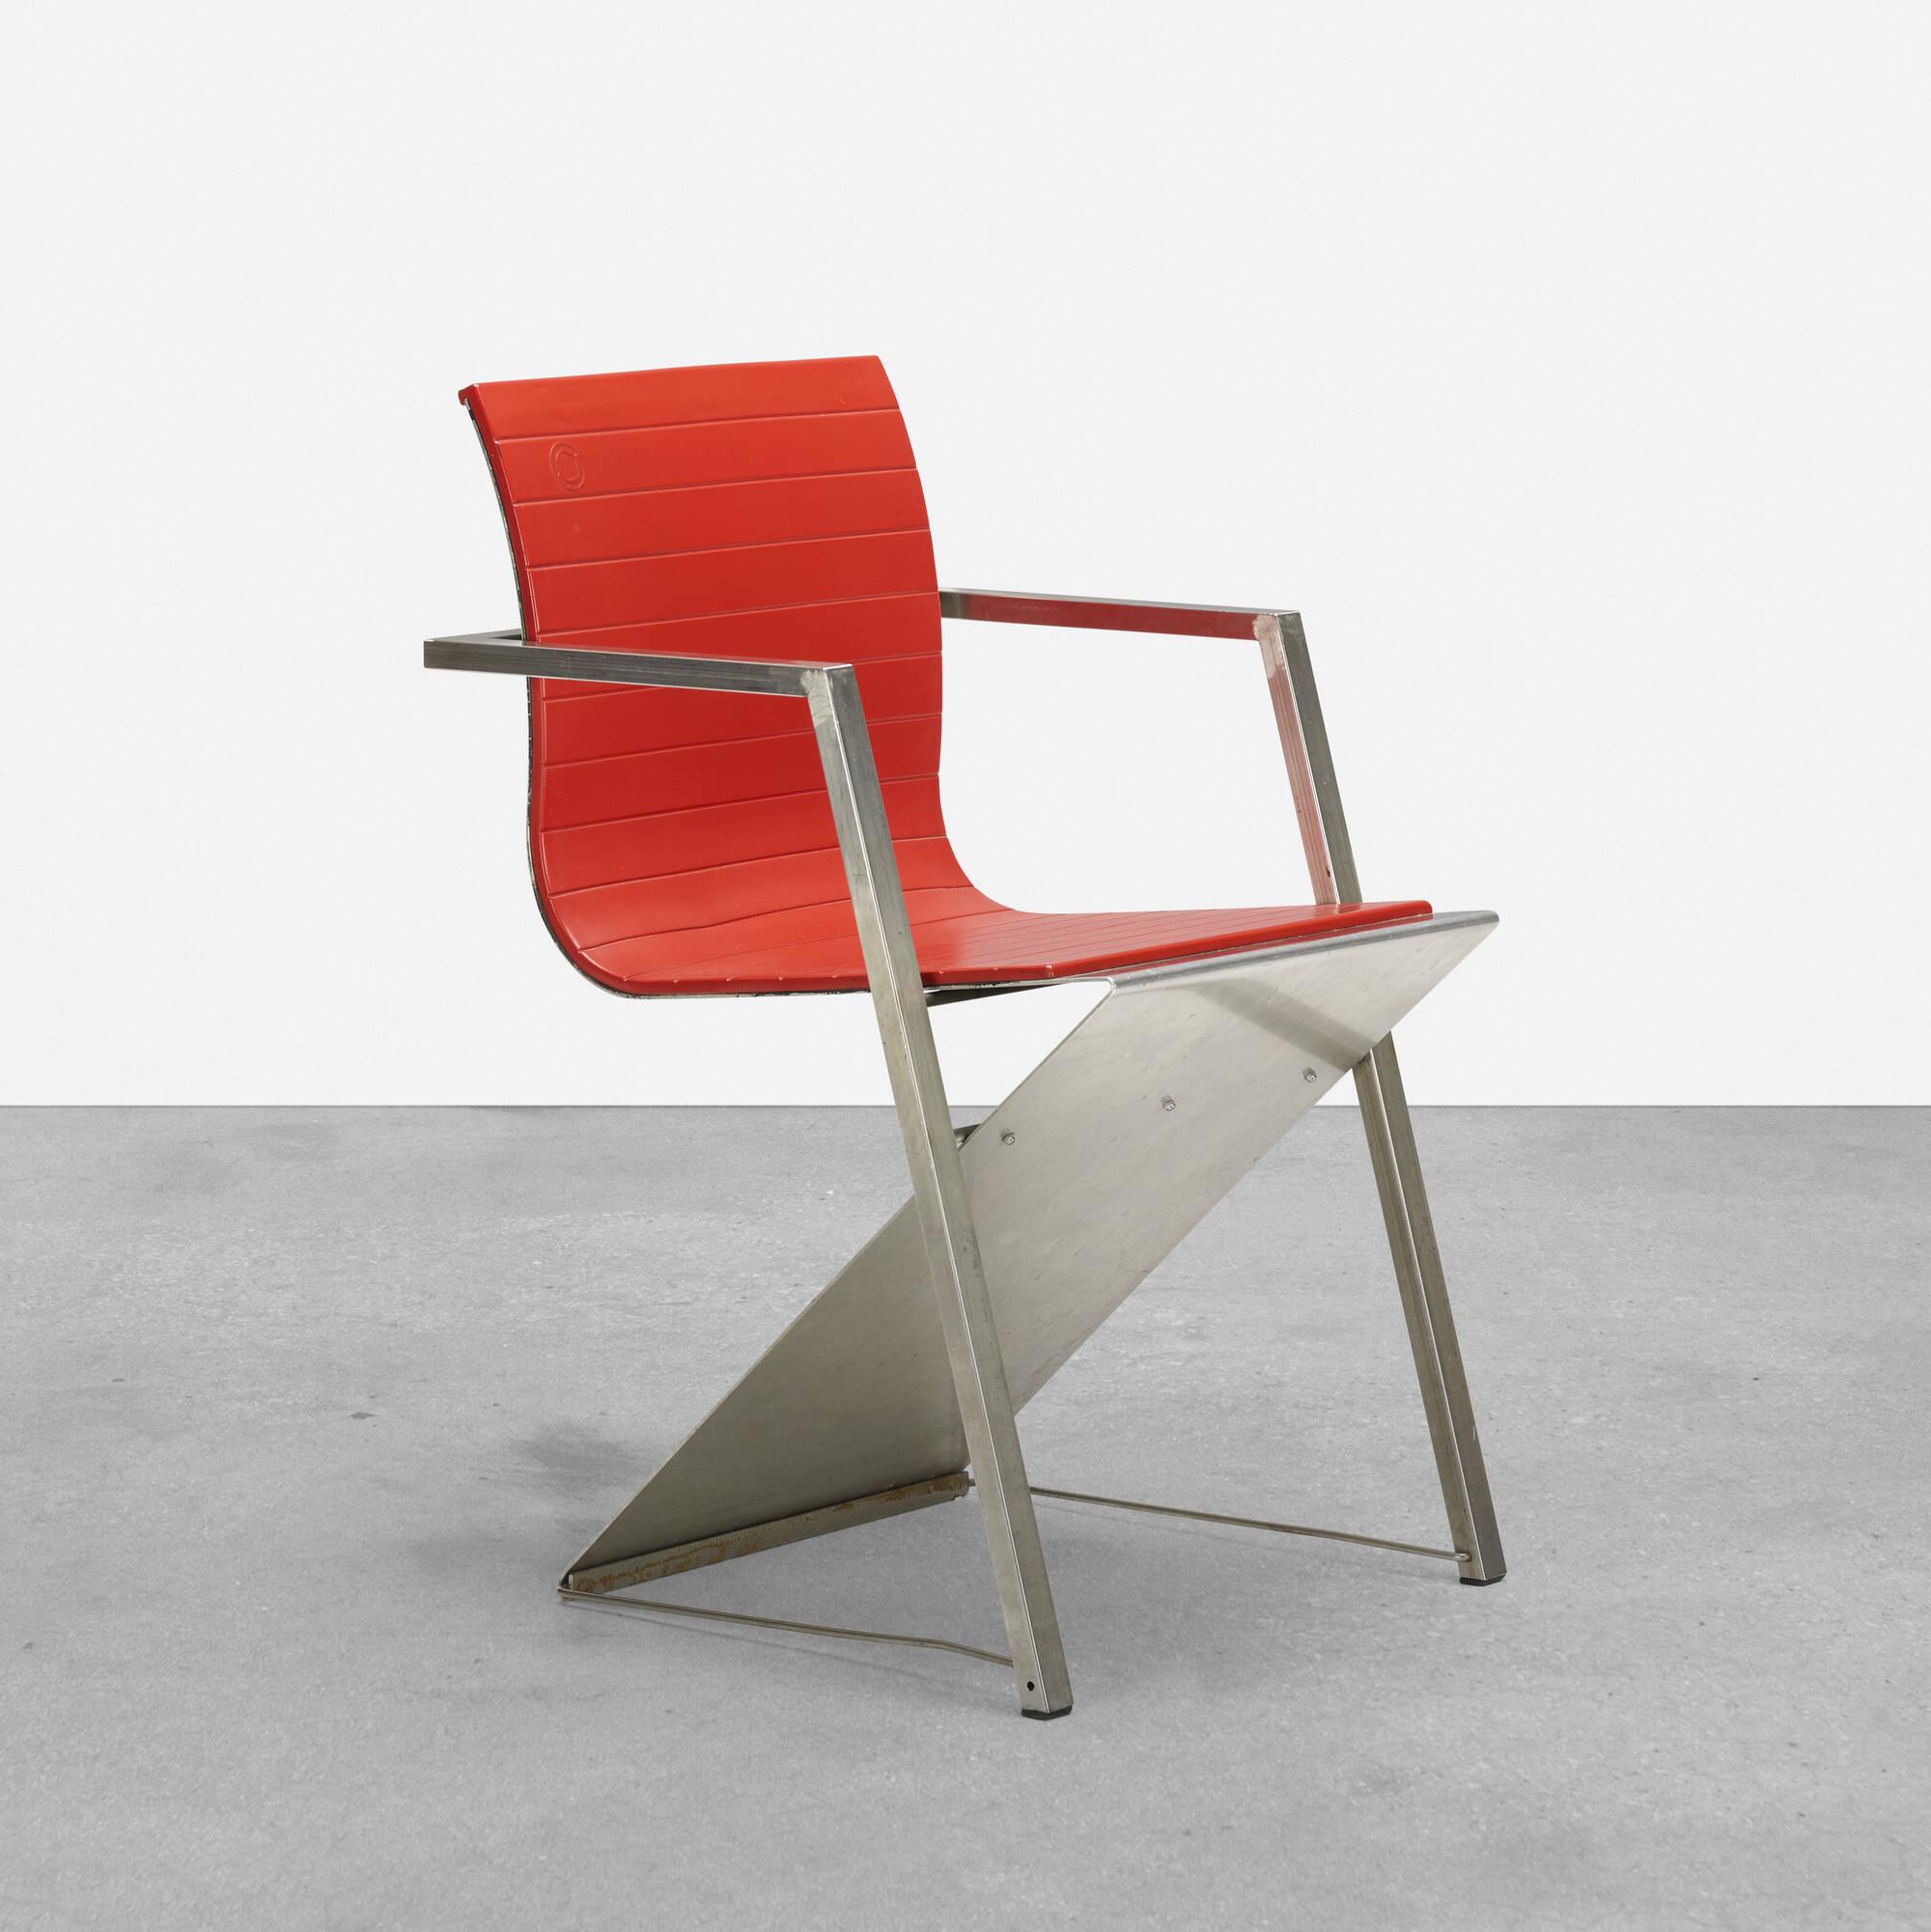 273: Reinhard Muller / d8 armchair (1 of 6)